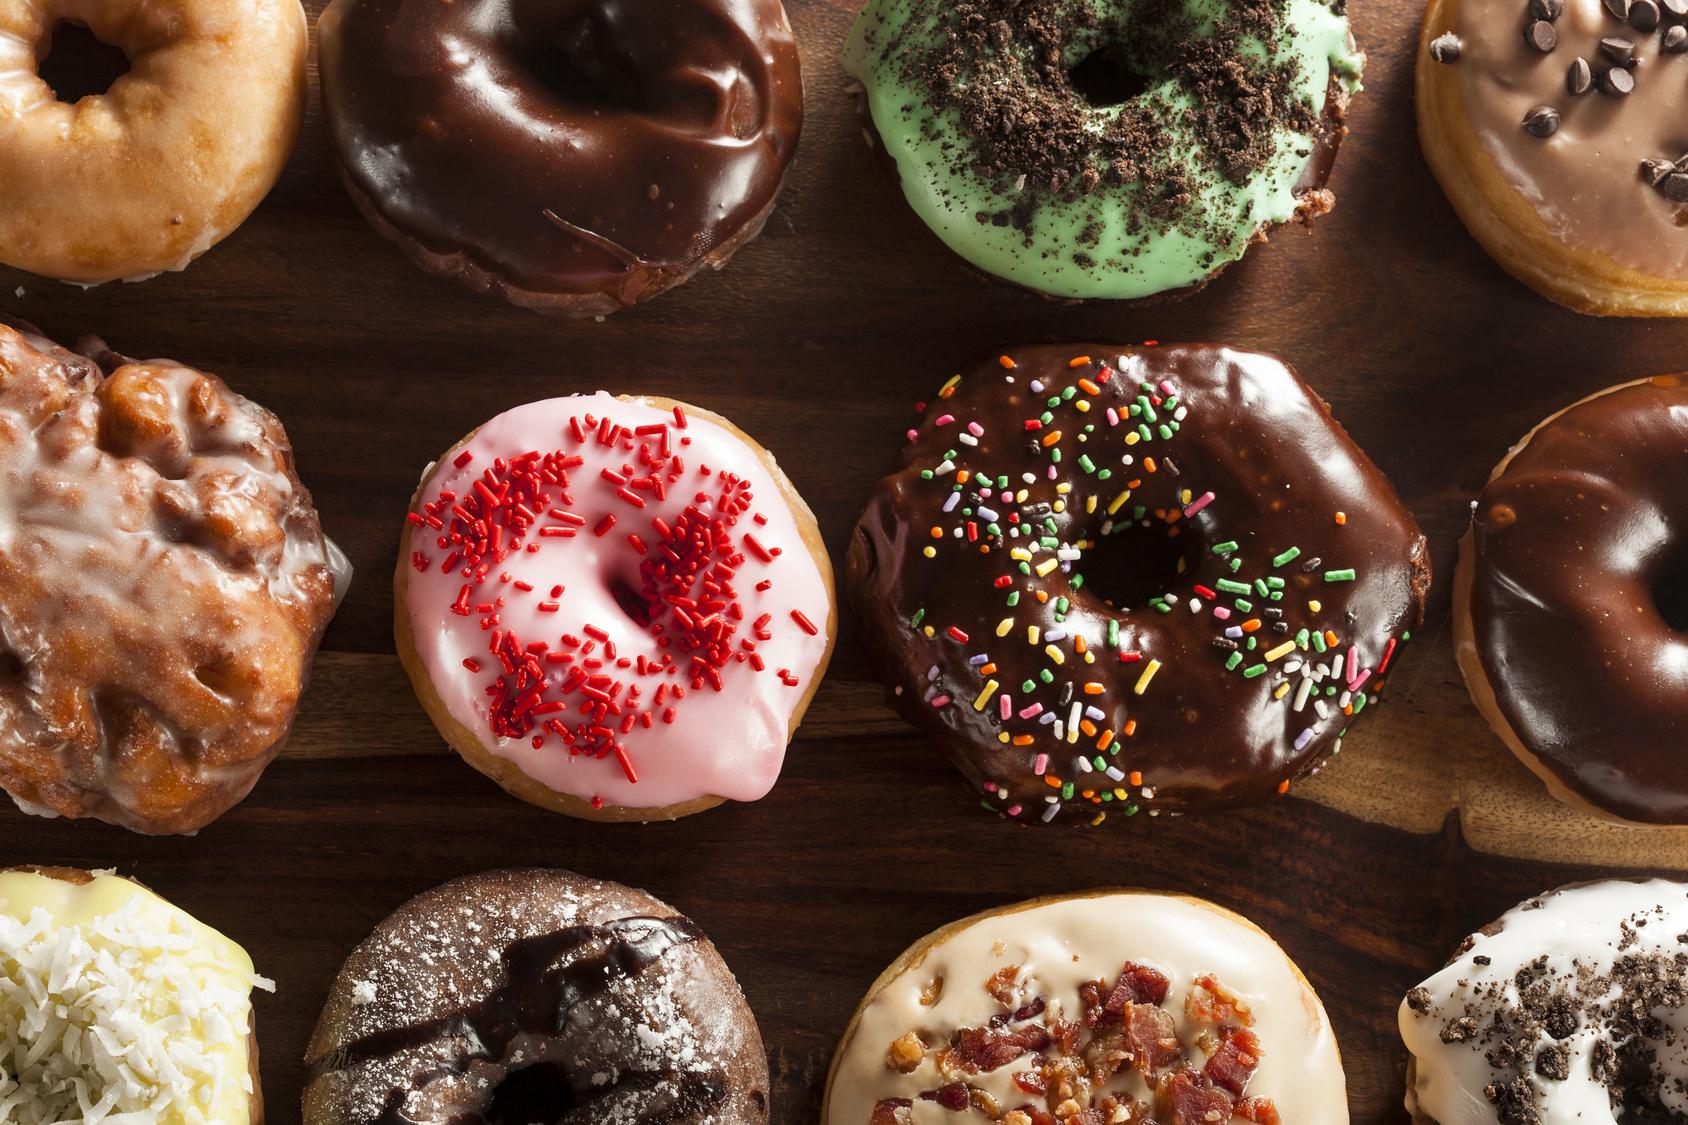 Oficina ensina preparo de Donuts a crianças